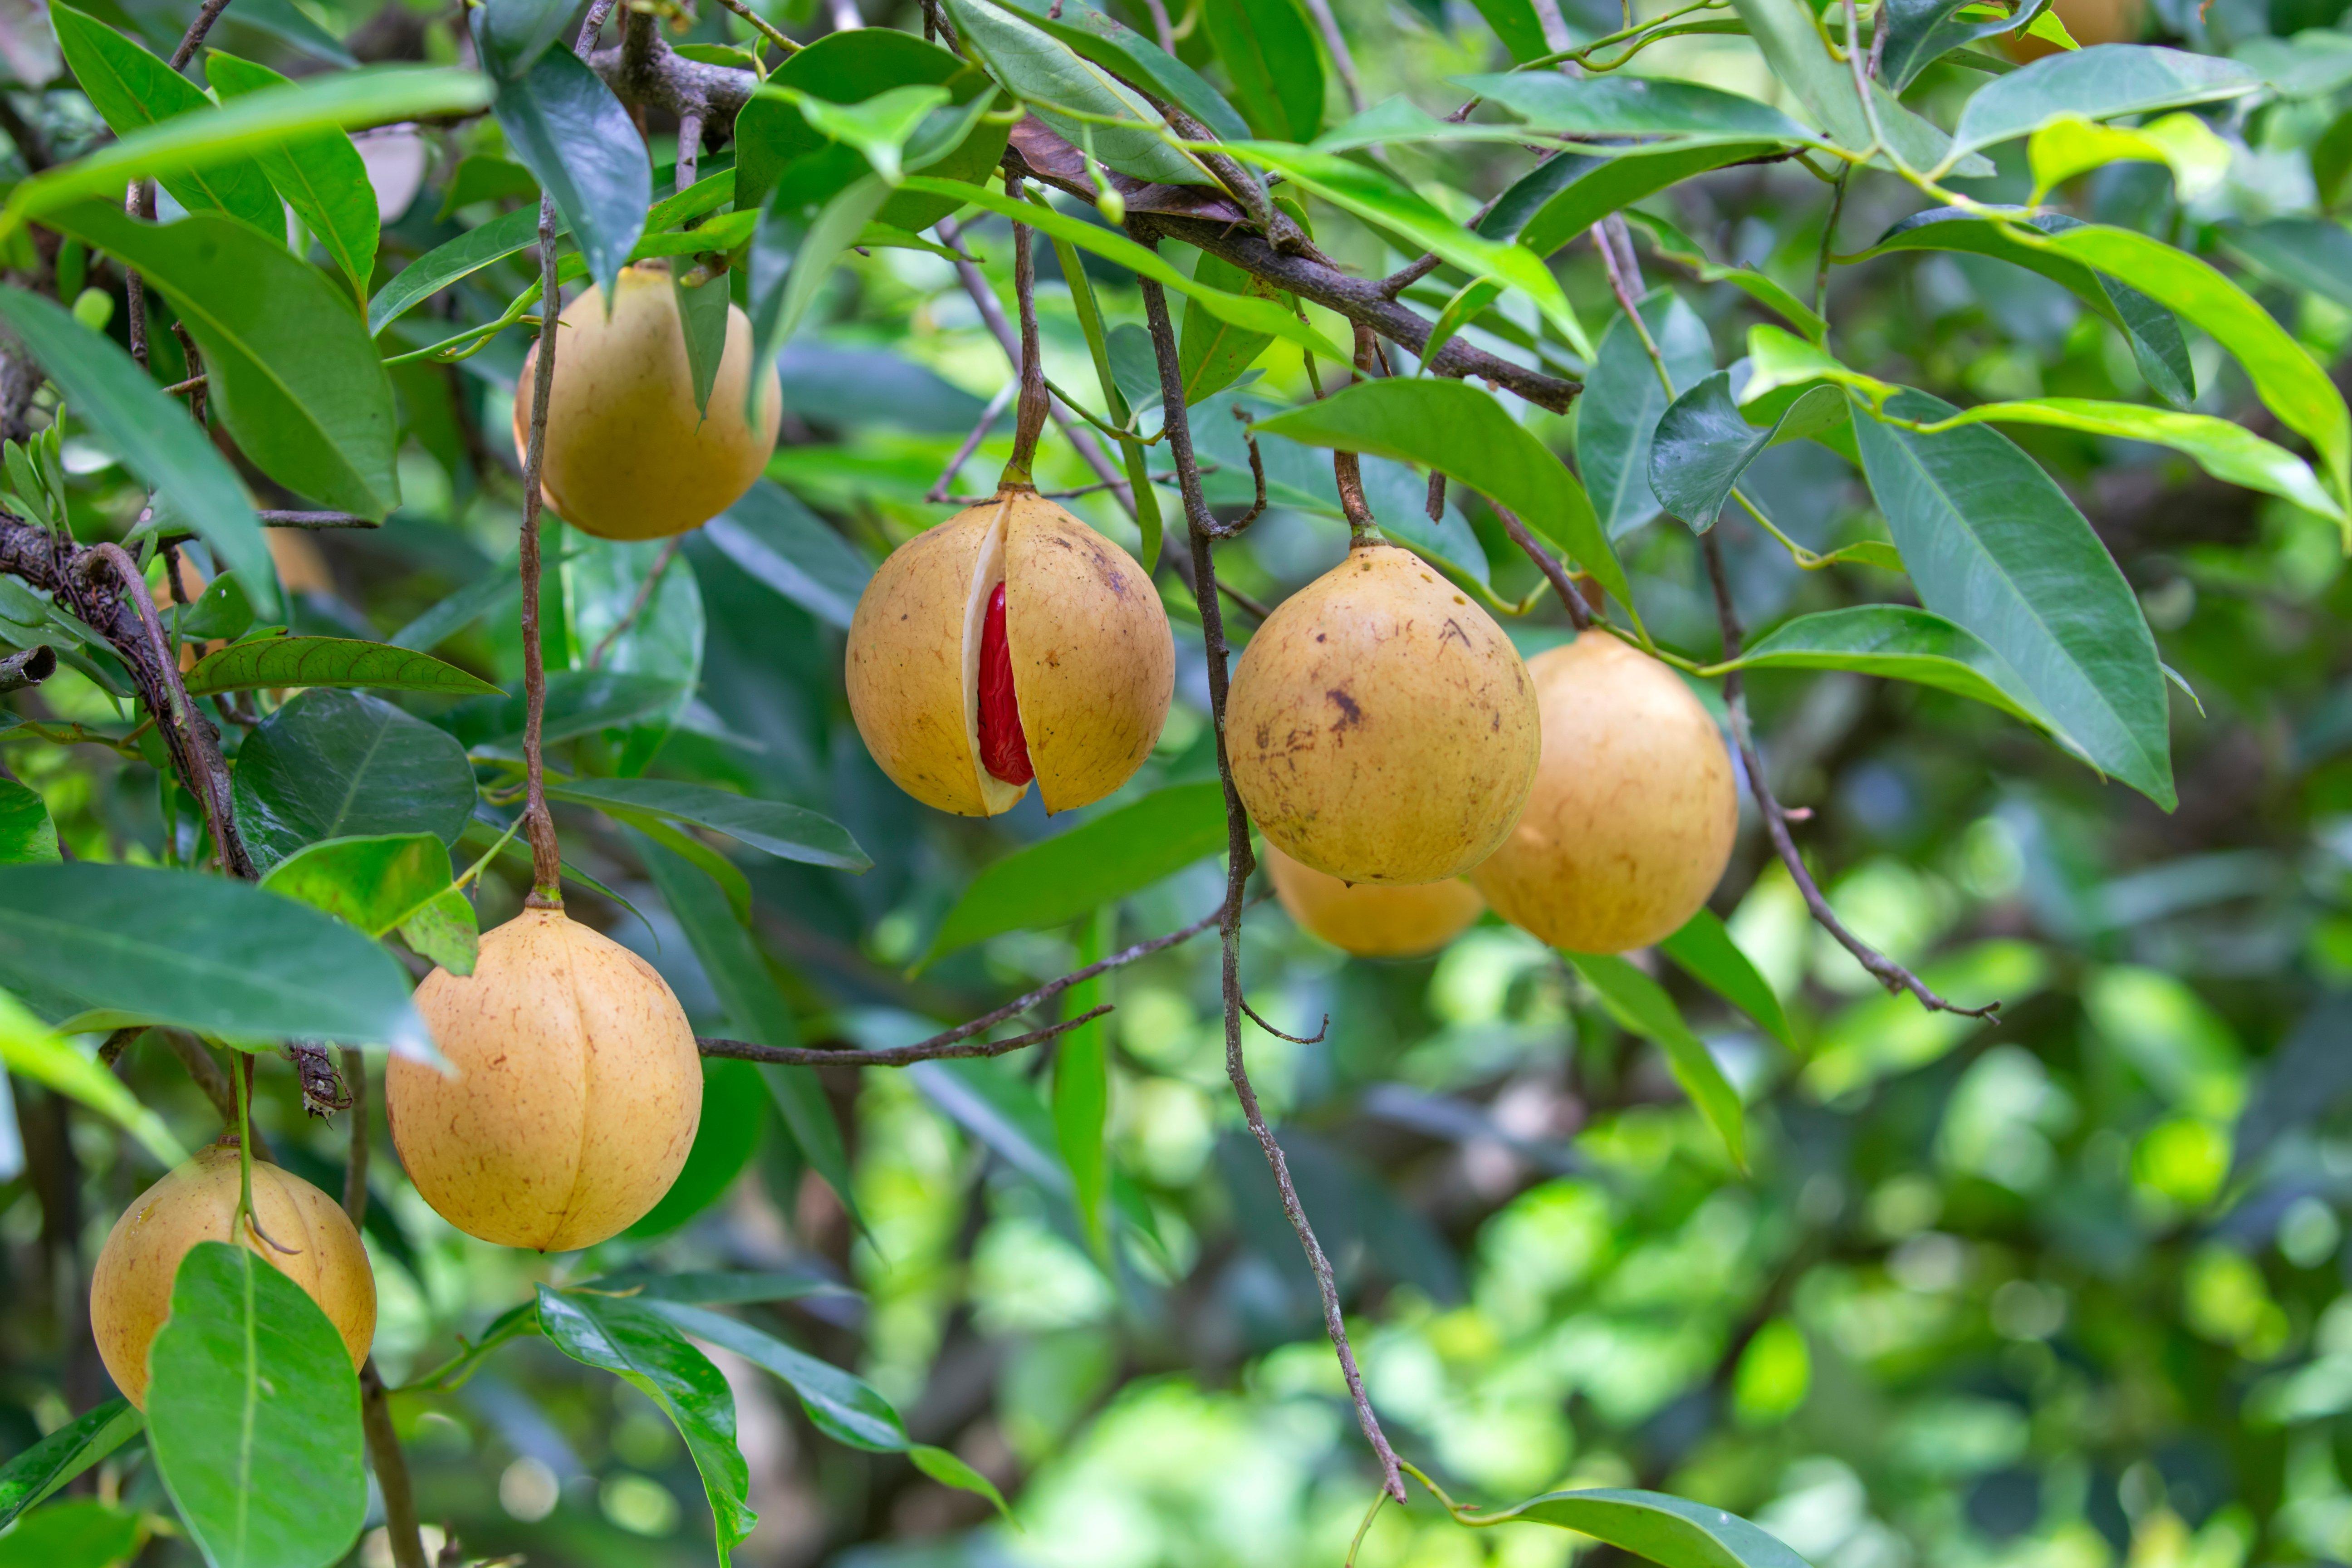 Nutmeg fruit in a tree